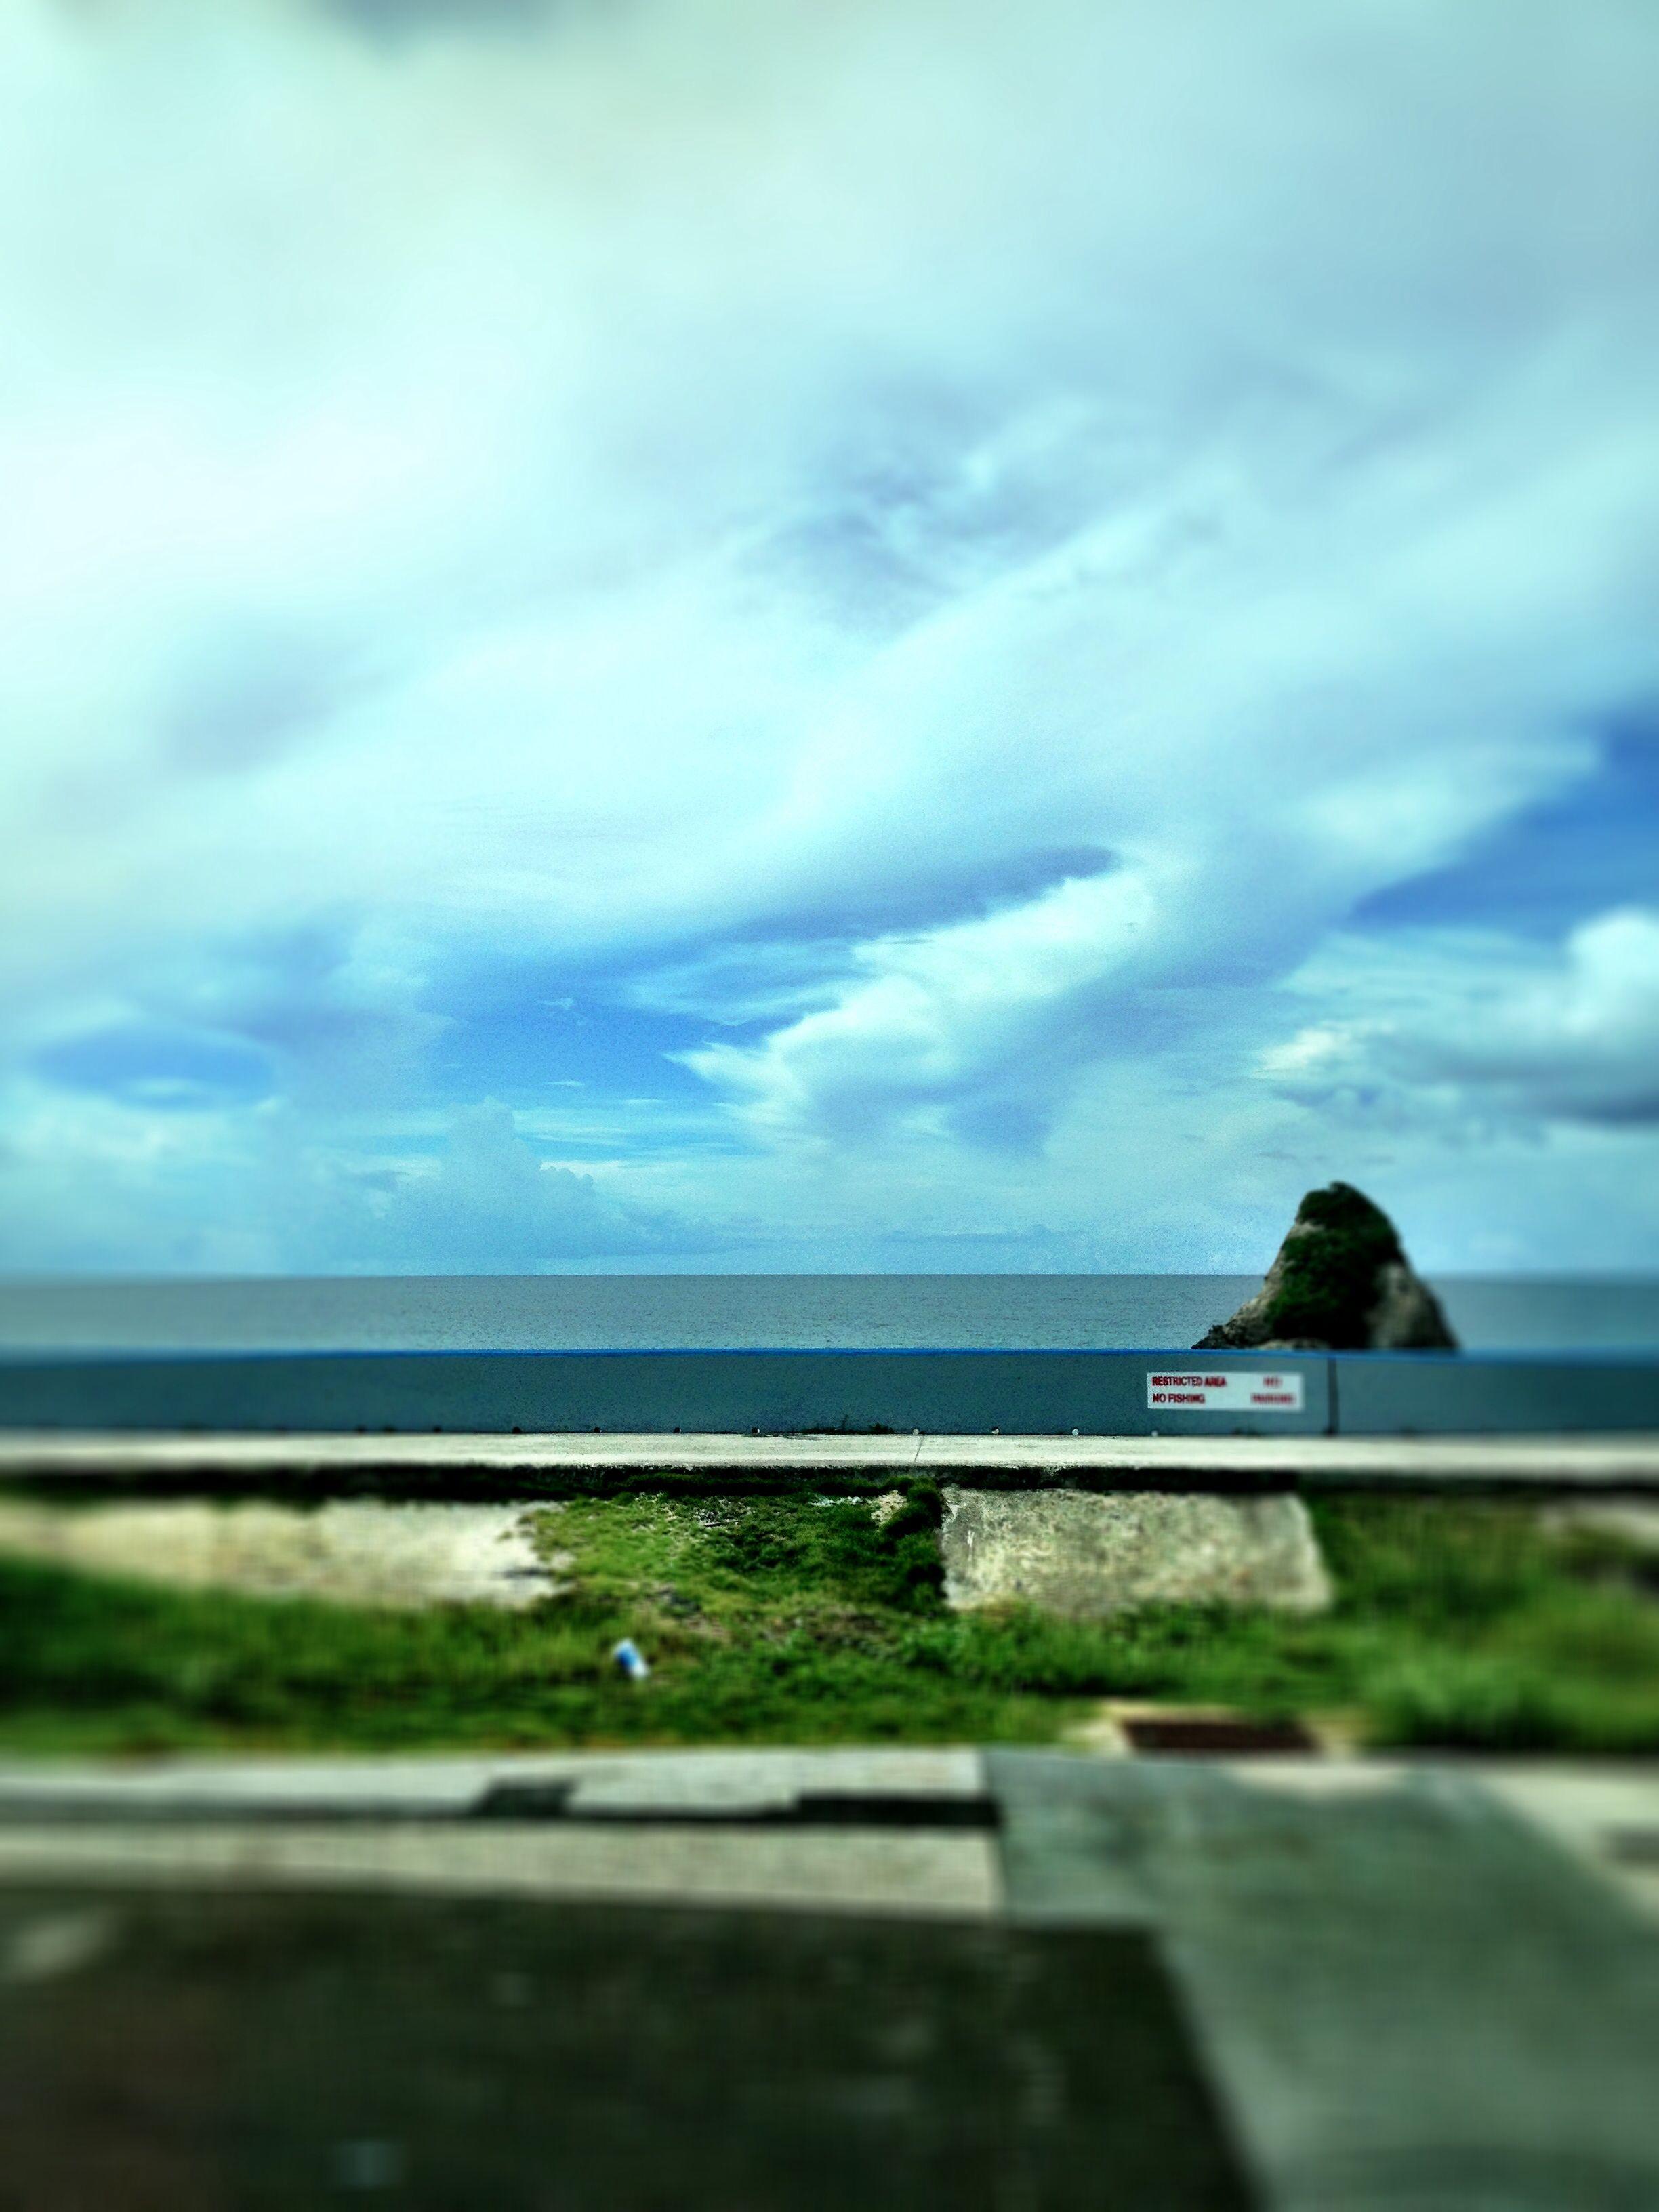 Miles of ocean